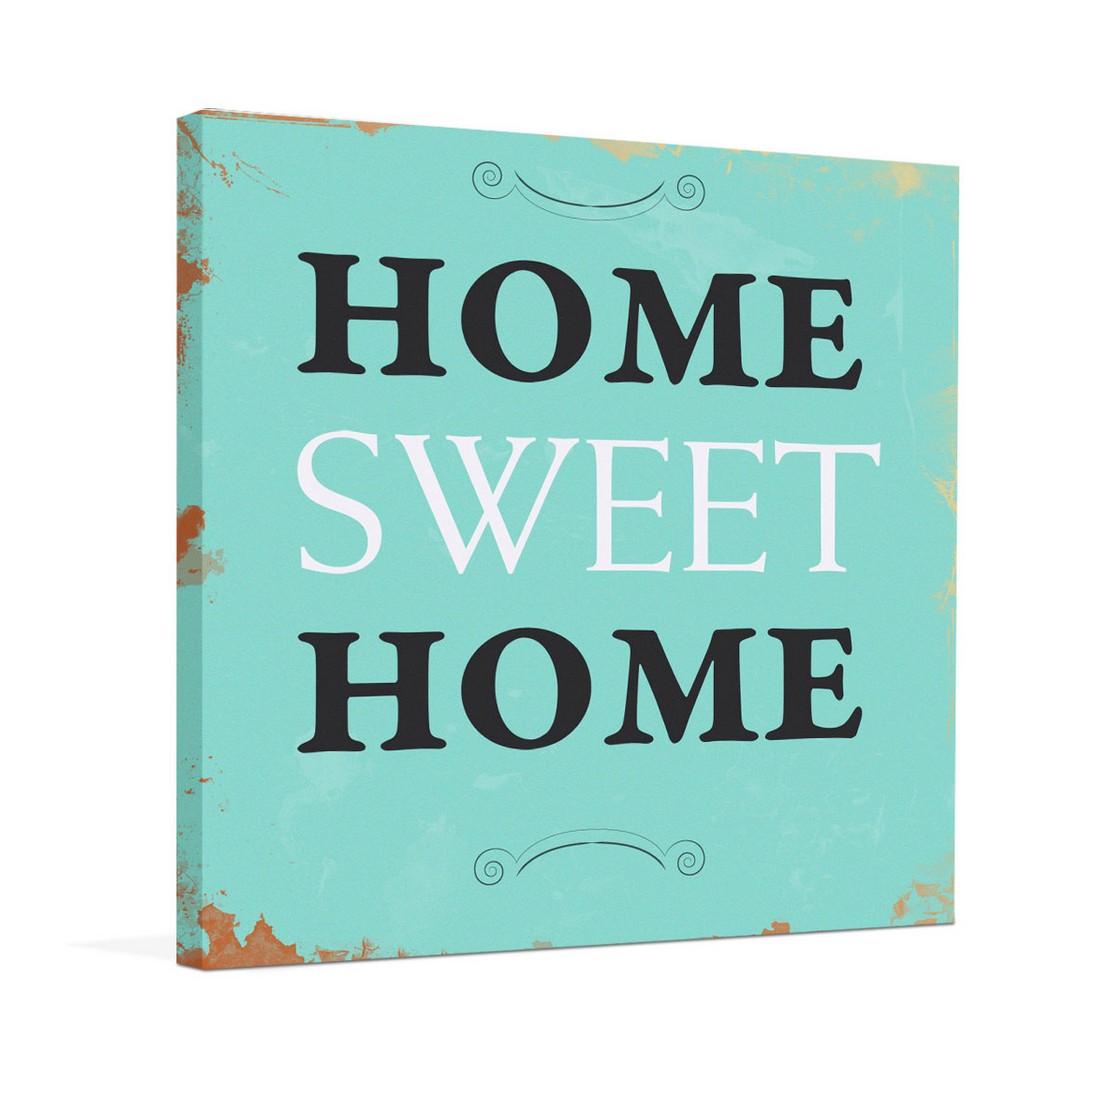 Ölgemälde Home sweet home II – Größe 50 x 50 cm, yourPainting günstig online kaufen